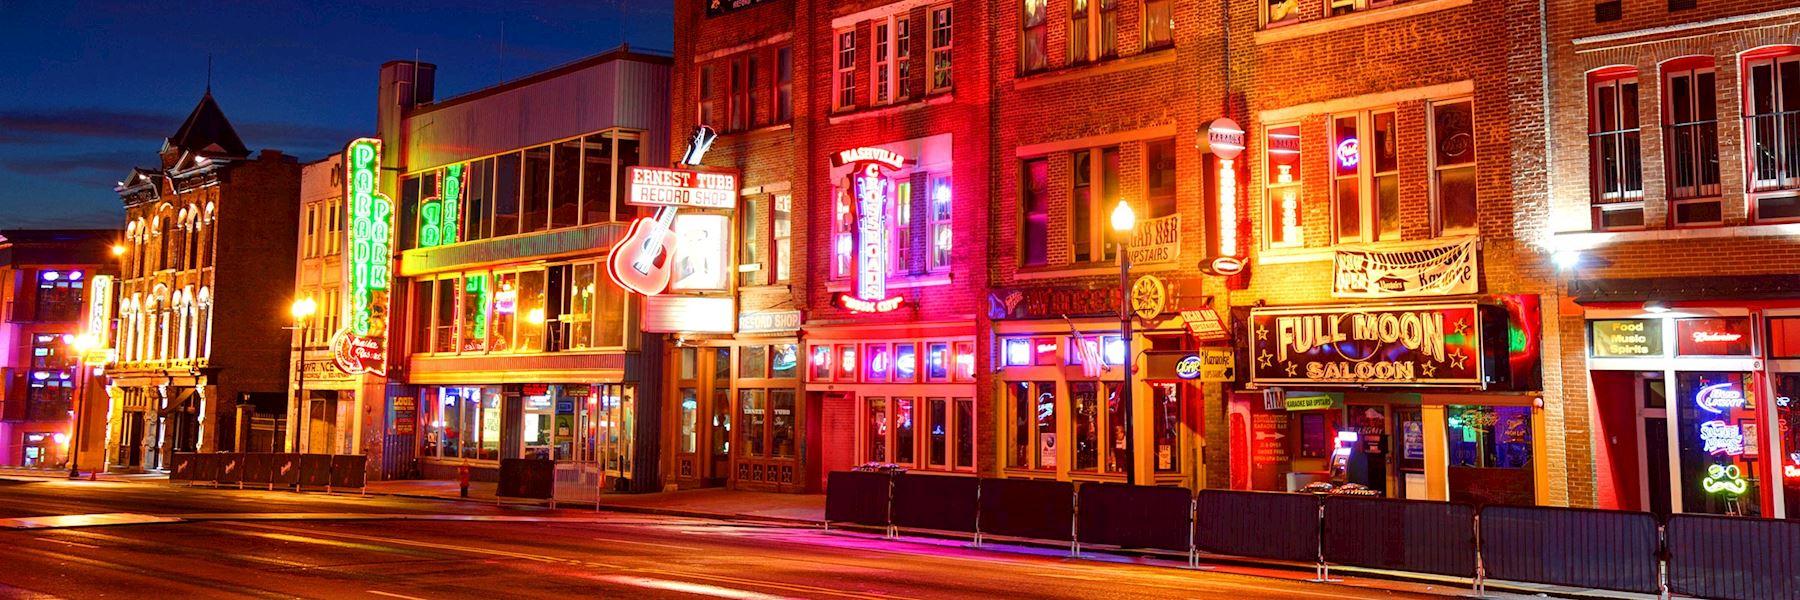 Visit Nashville, Deep South